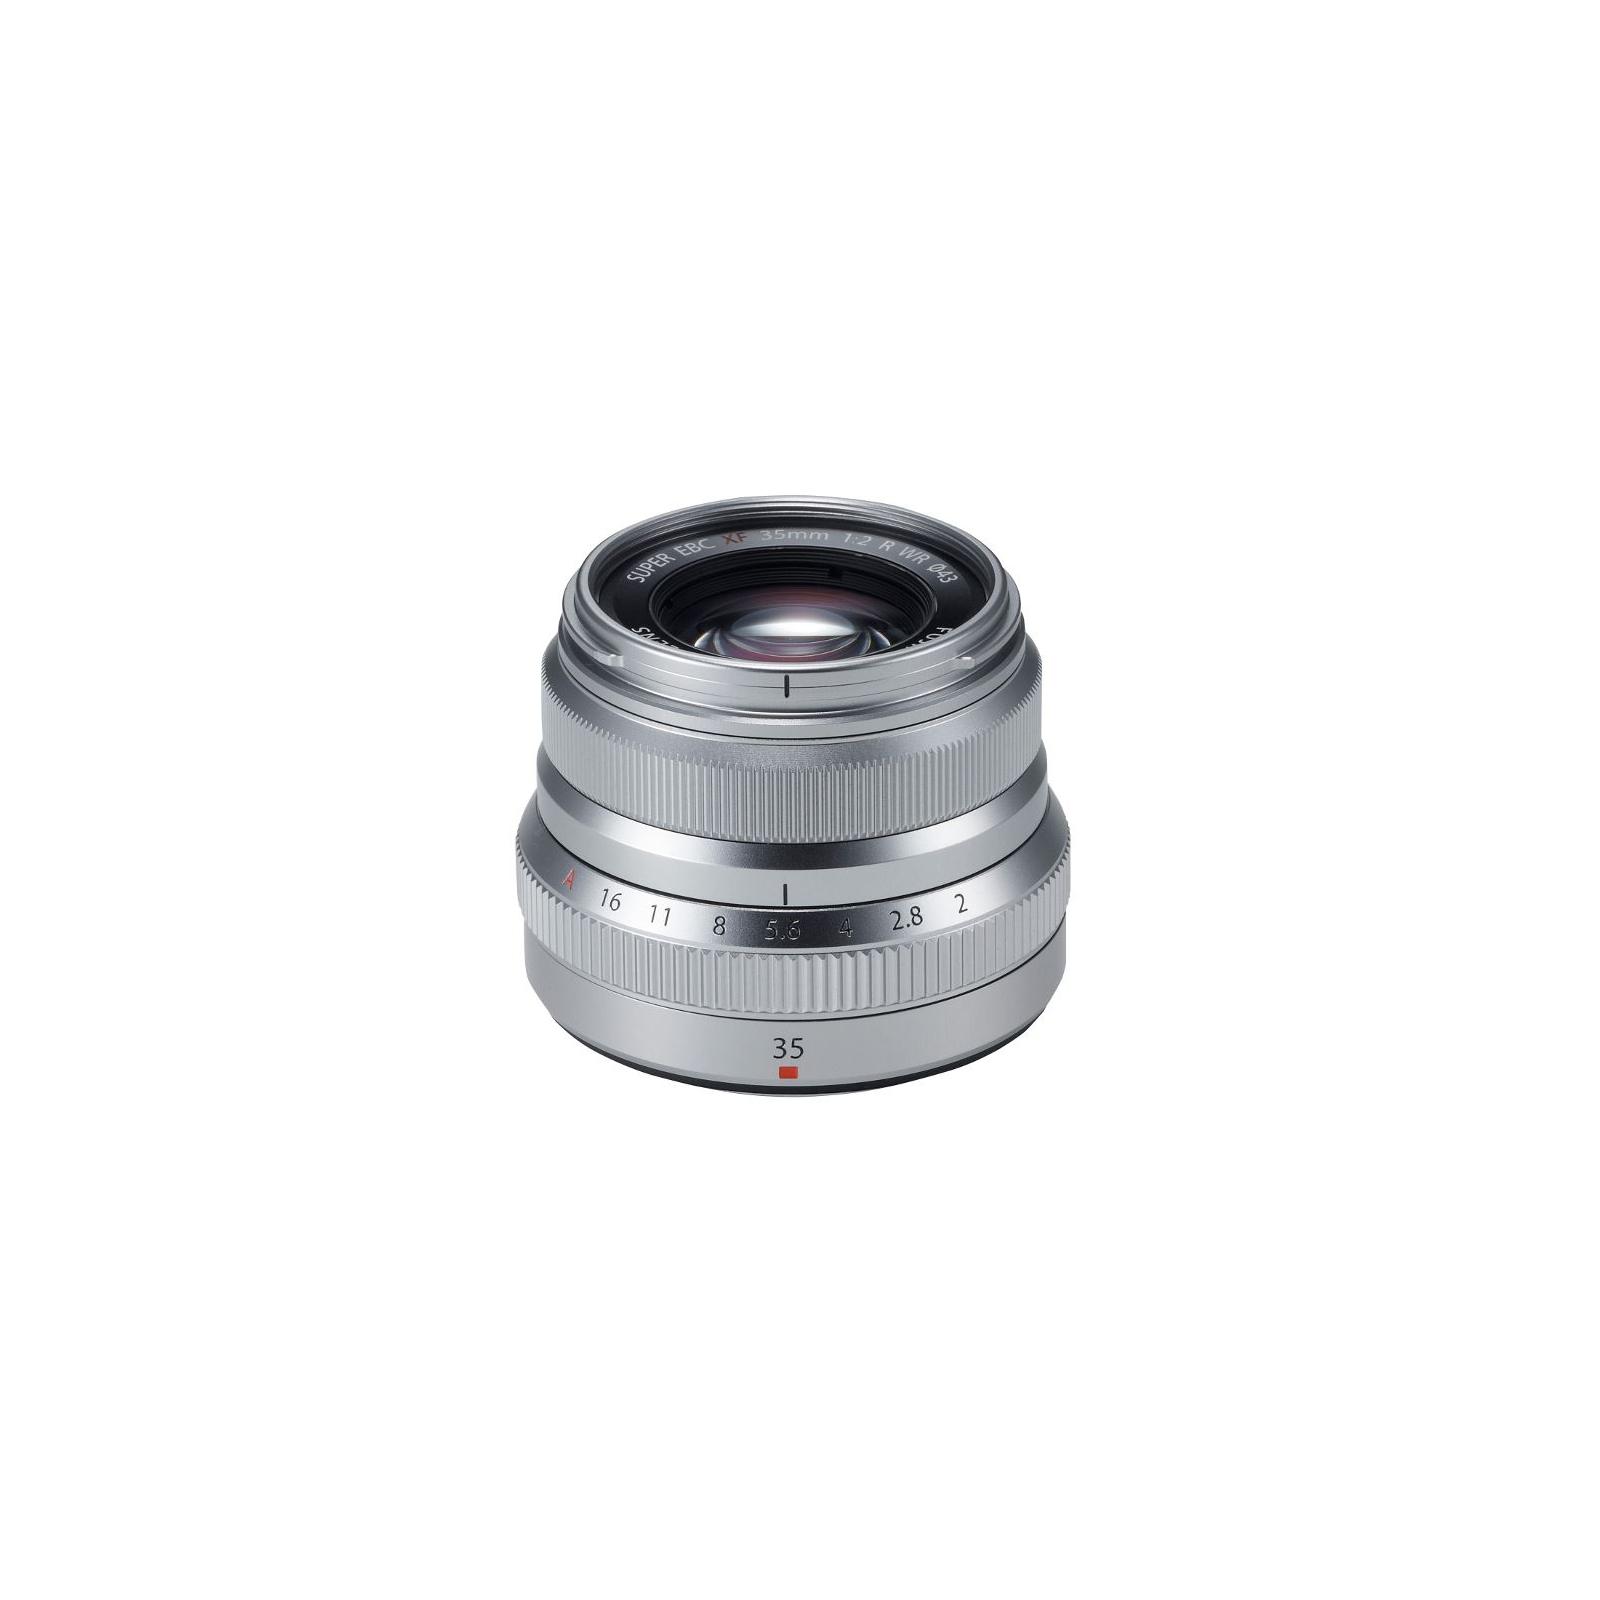 Объектив Fujifilm XF 35mm F2.0 Silver (16481880)